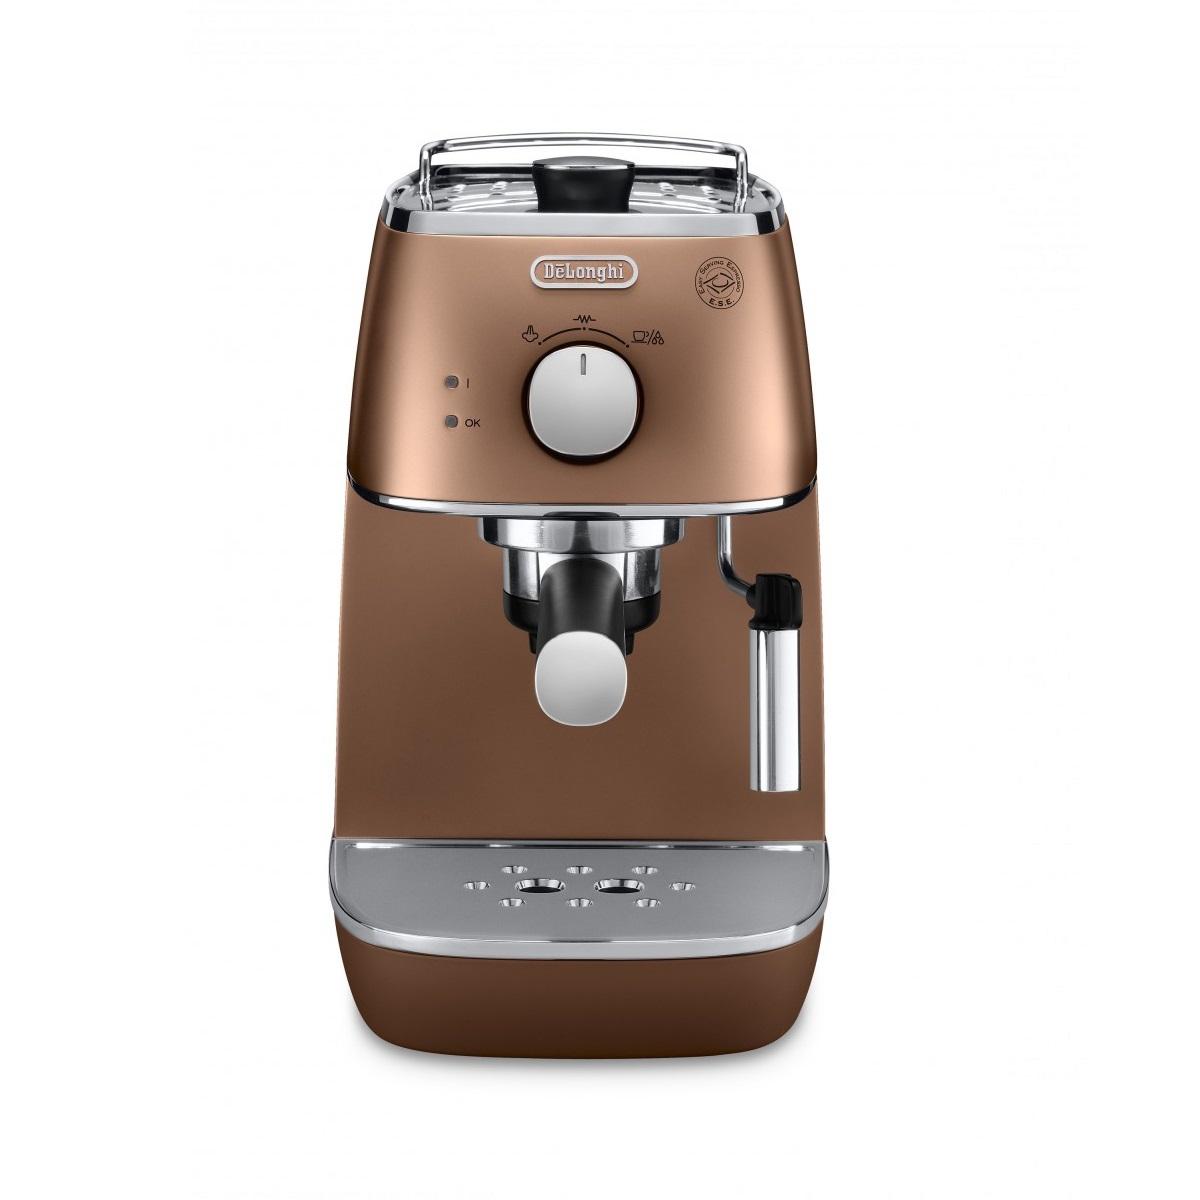 Кофеварка рожковая ECI341.CPDeLonghi — крупнейший производитель бытовой техники. Кофеварка - это прекрасный электрический прибор для всех любителей кофе. Необычный дизайн данного прибора делает его превосходным симпатичным помощником.<br>